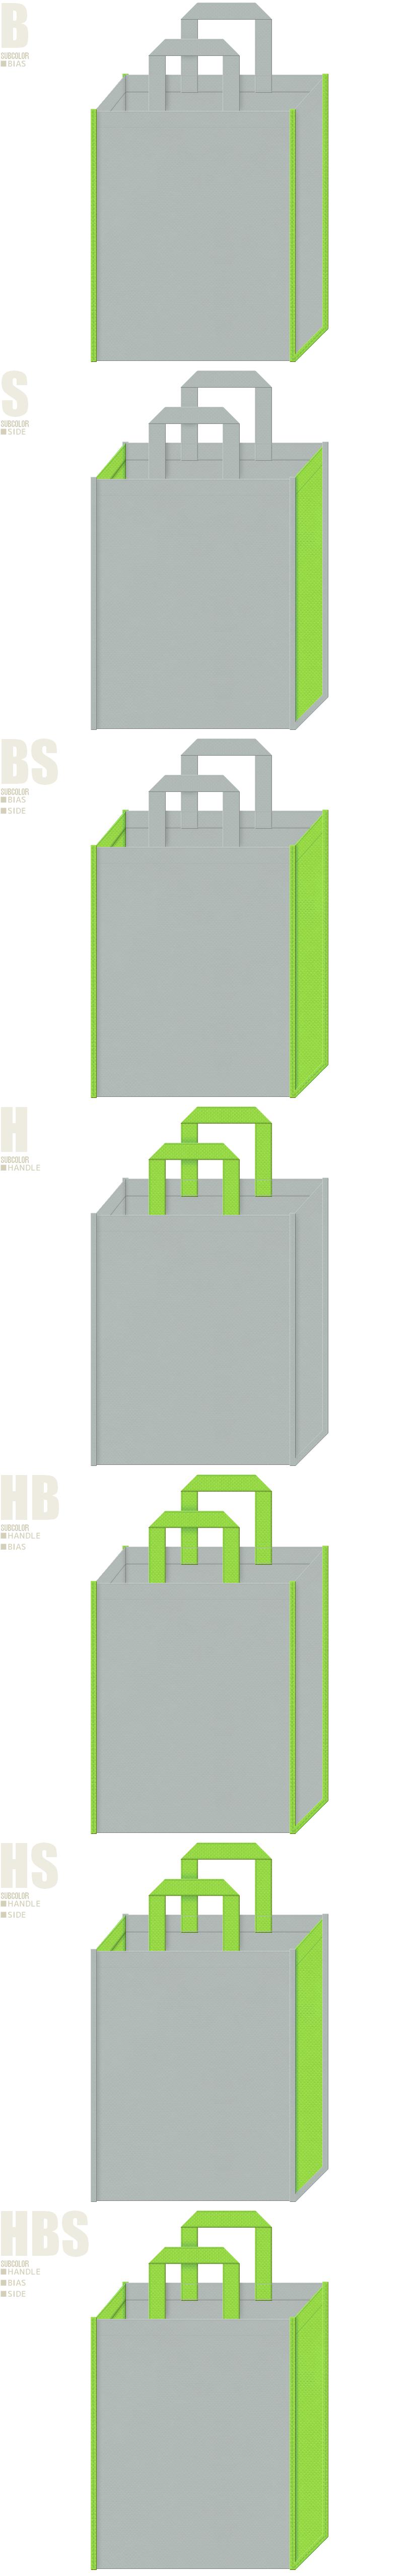 緑化地域・緑化イベント・緑化ブロック・CO2削減・屋上緑化・壁面緑化・建築・設計・エクステリアのイベントにお奨めの不織布バッグデザイン:グレー色と黄緑色の配色7パターン